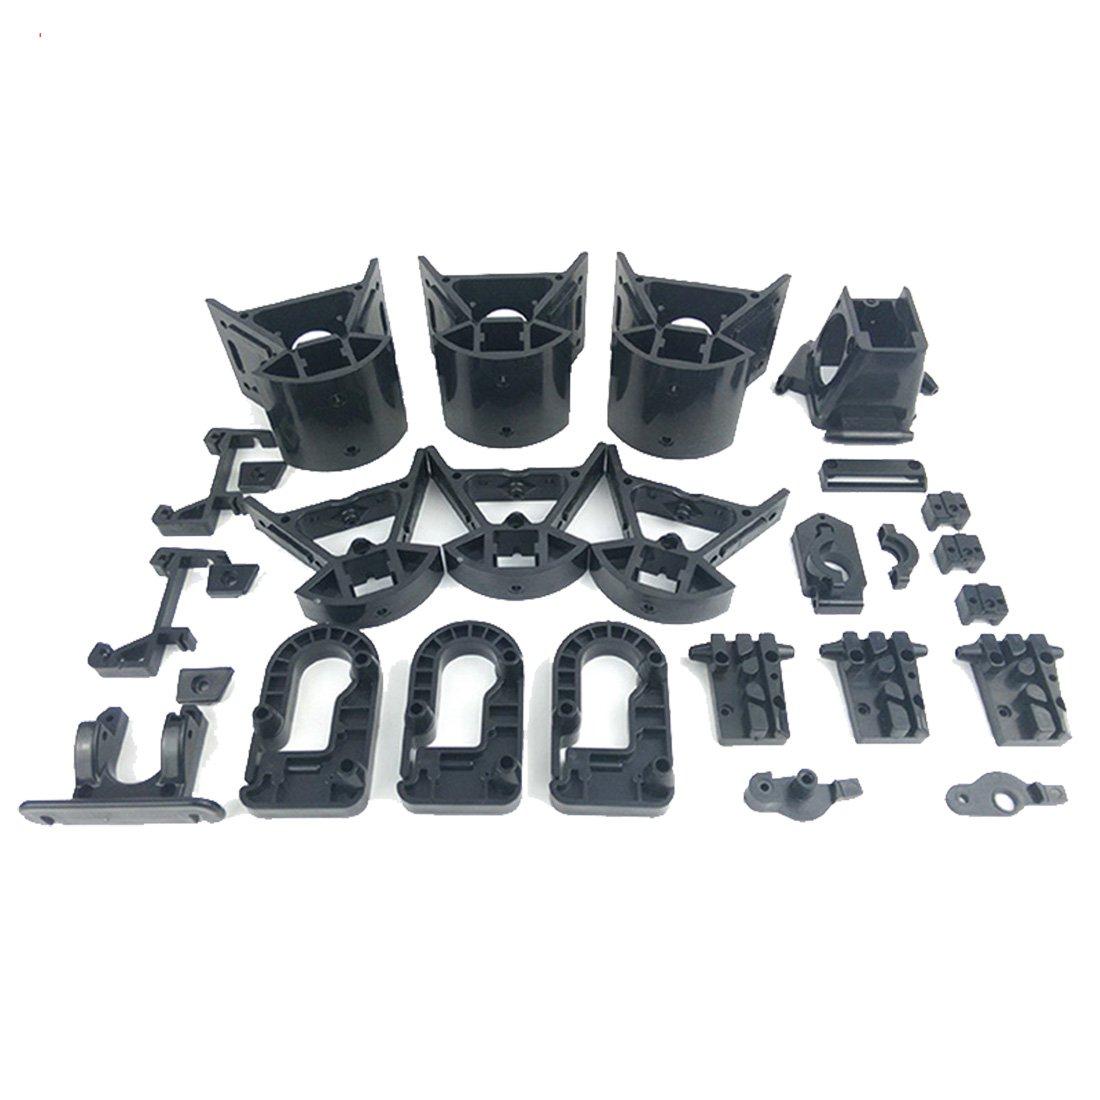 micromake Inyección de plástico DIY partes no estándar Set Kossel ...